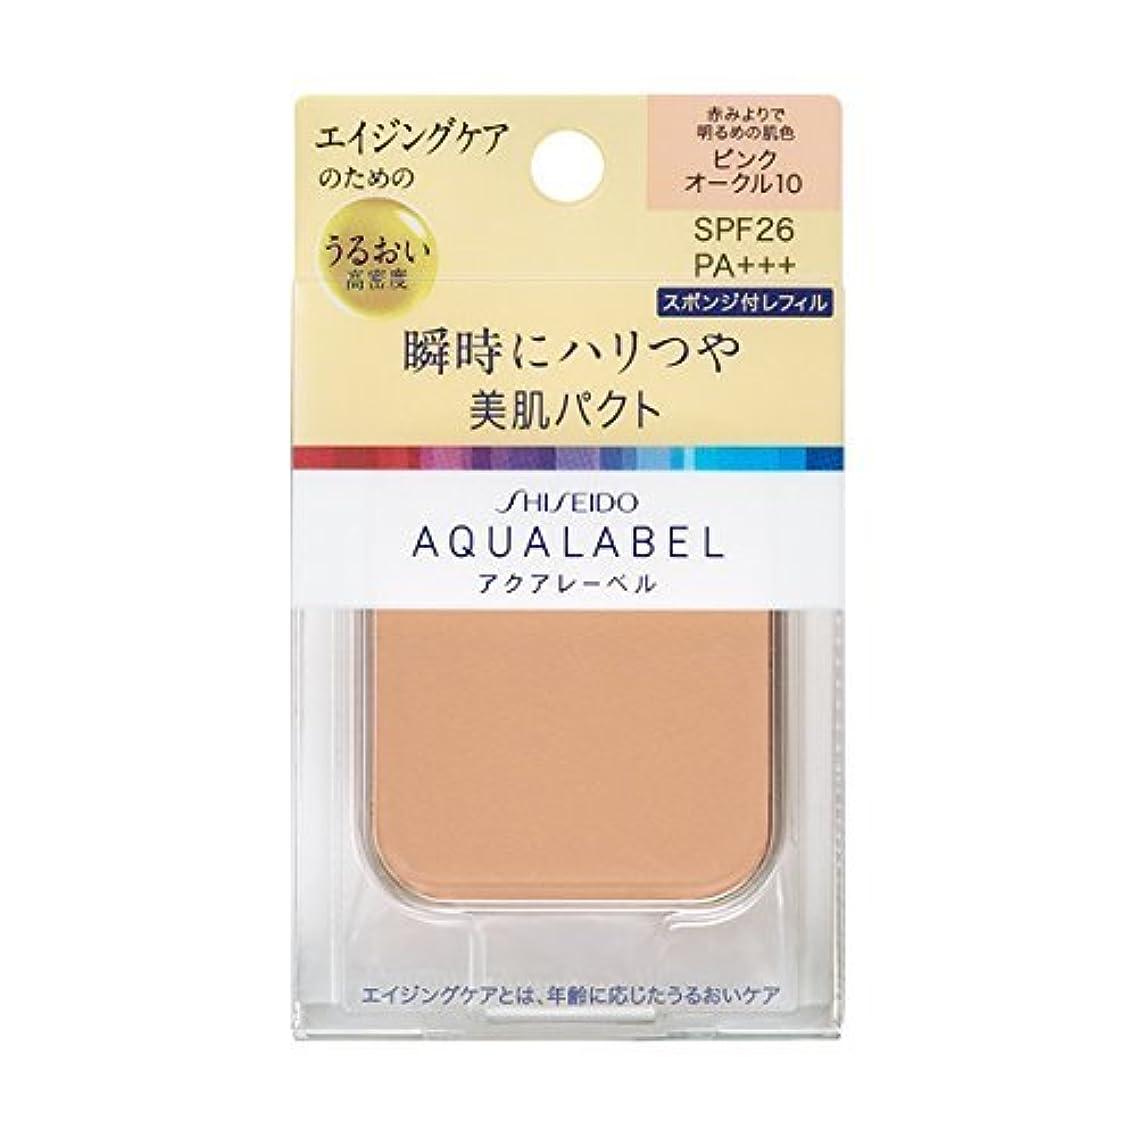 以来用心トロピカルアクアレーベル 明るいつや肌パクト ピンクオークル10 (レフィル) 11.5g×6個